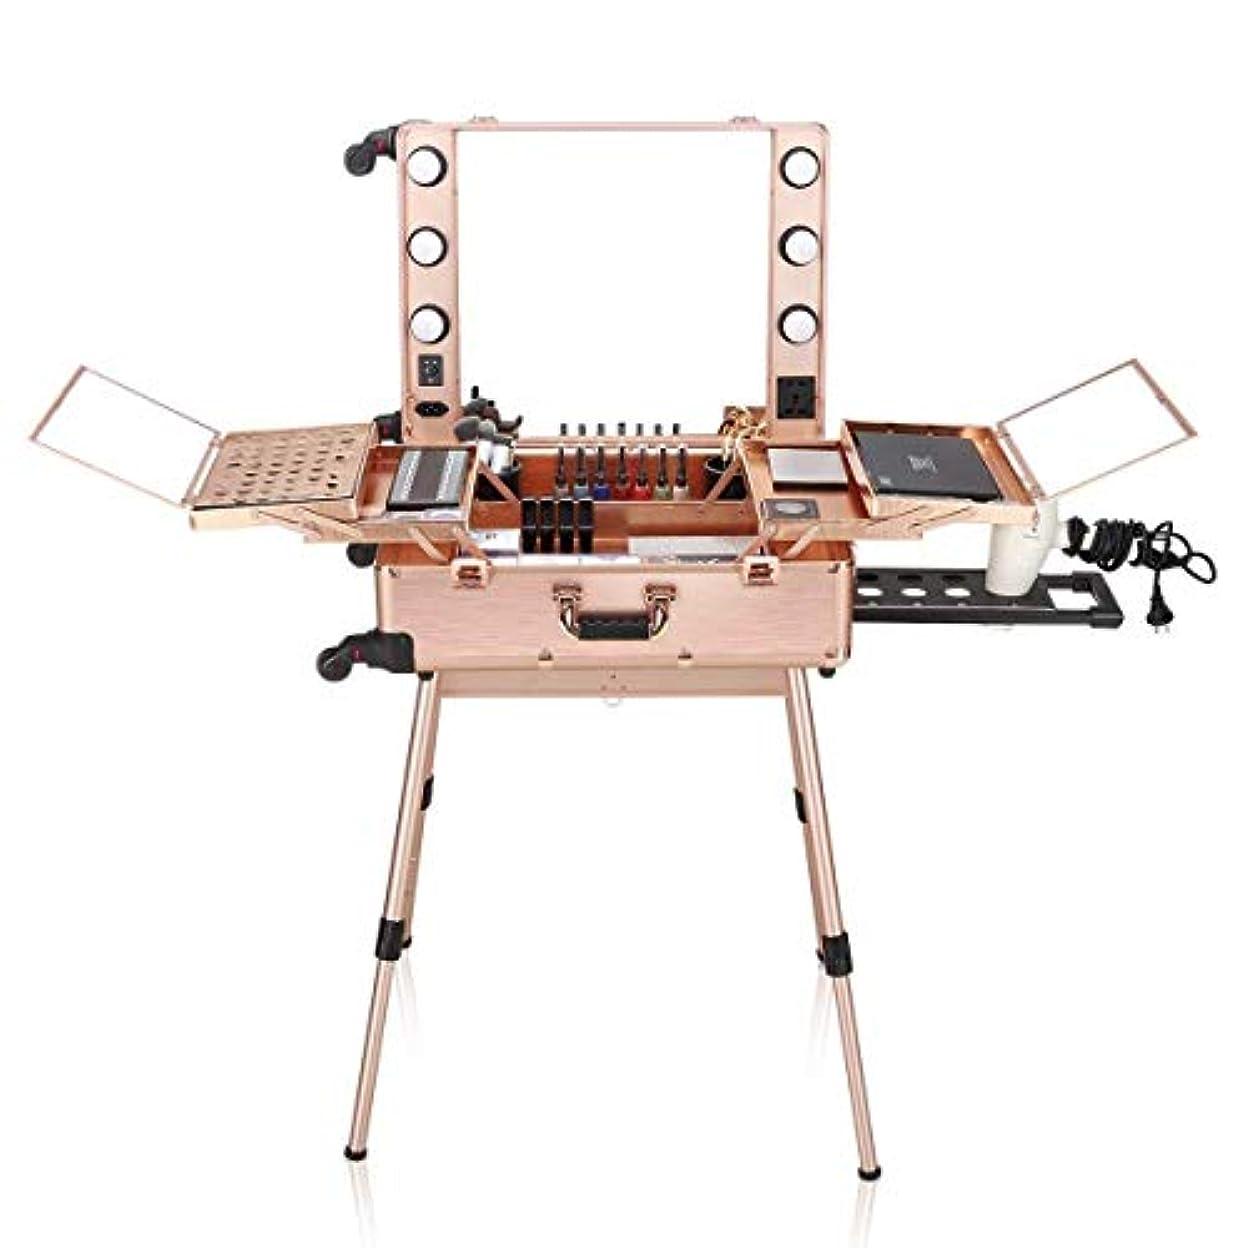 Ovonni 主導化粧列車 場合はミラー&4つ 取り外し可能な車輪 プロ アーティストトロリースタジオ自立ワークステーションでローリング旅行ポータブル化粧品オーガナイザーボックスを点灯します ローズゴールド